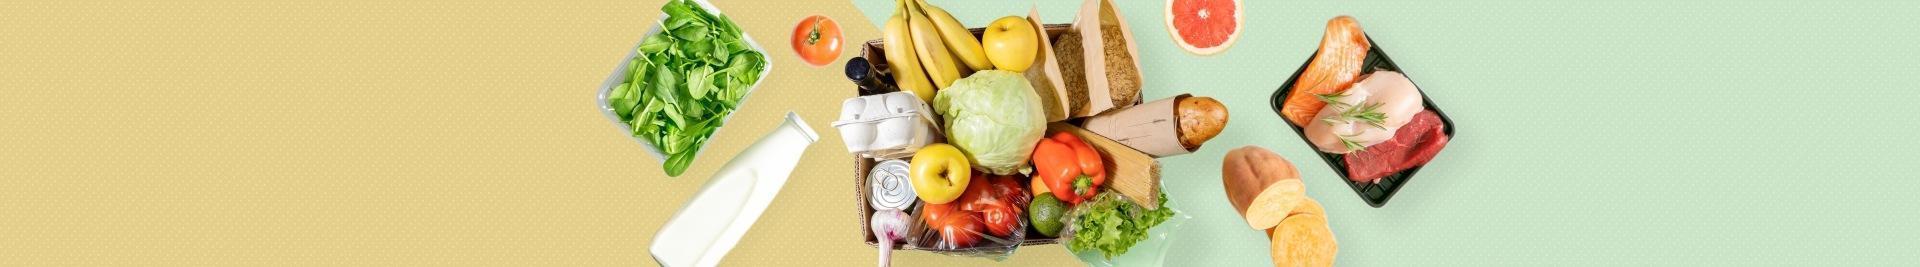 owoce, warzywa, pieczywo, nabiał